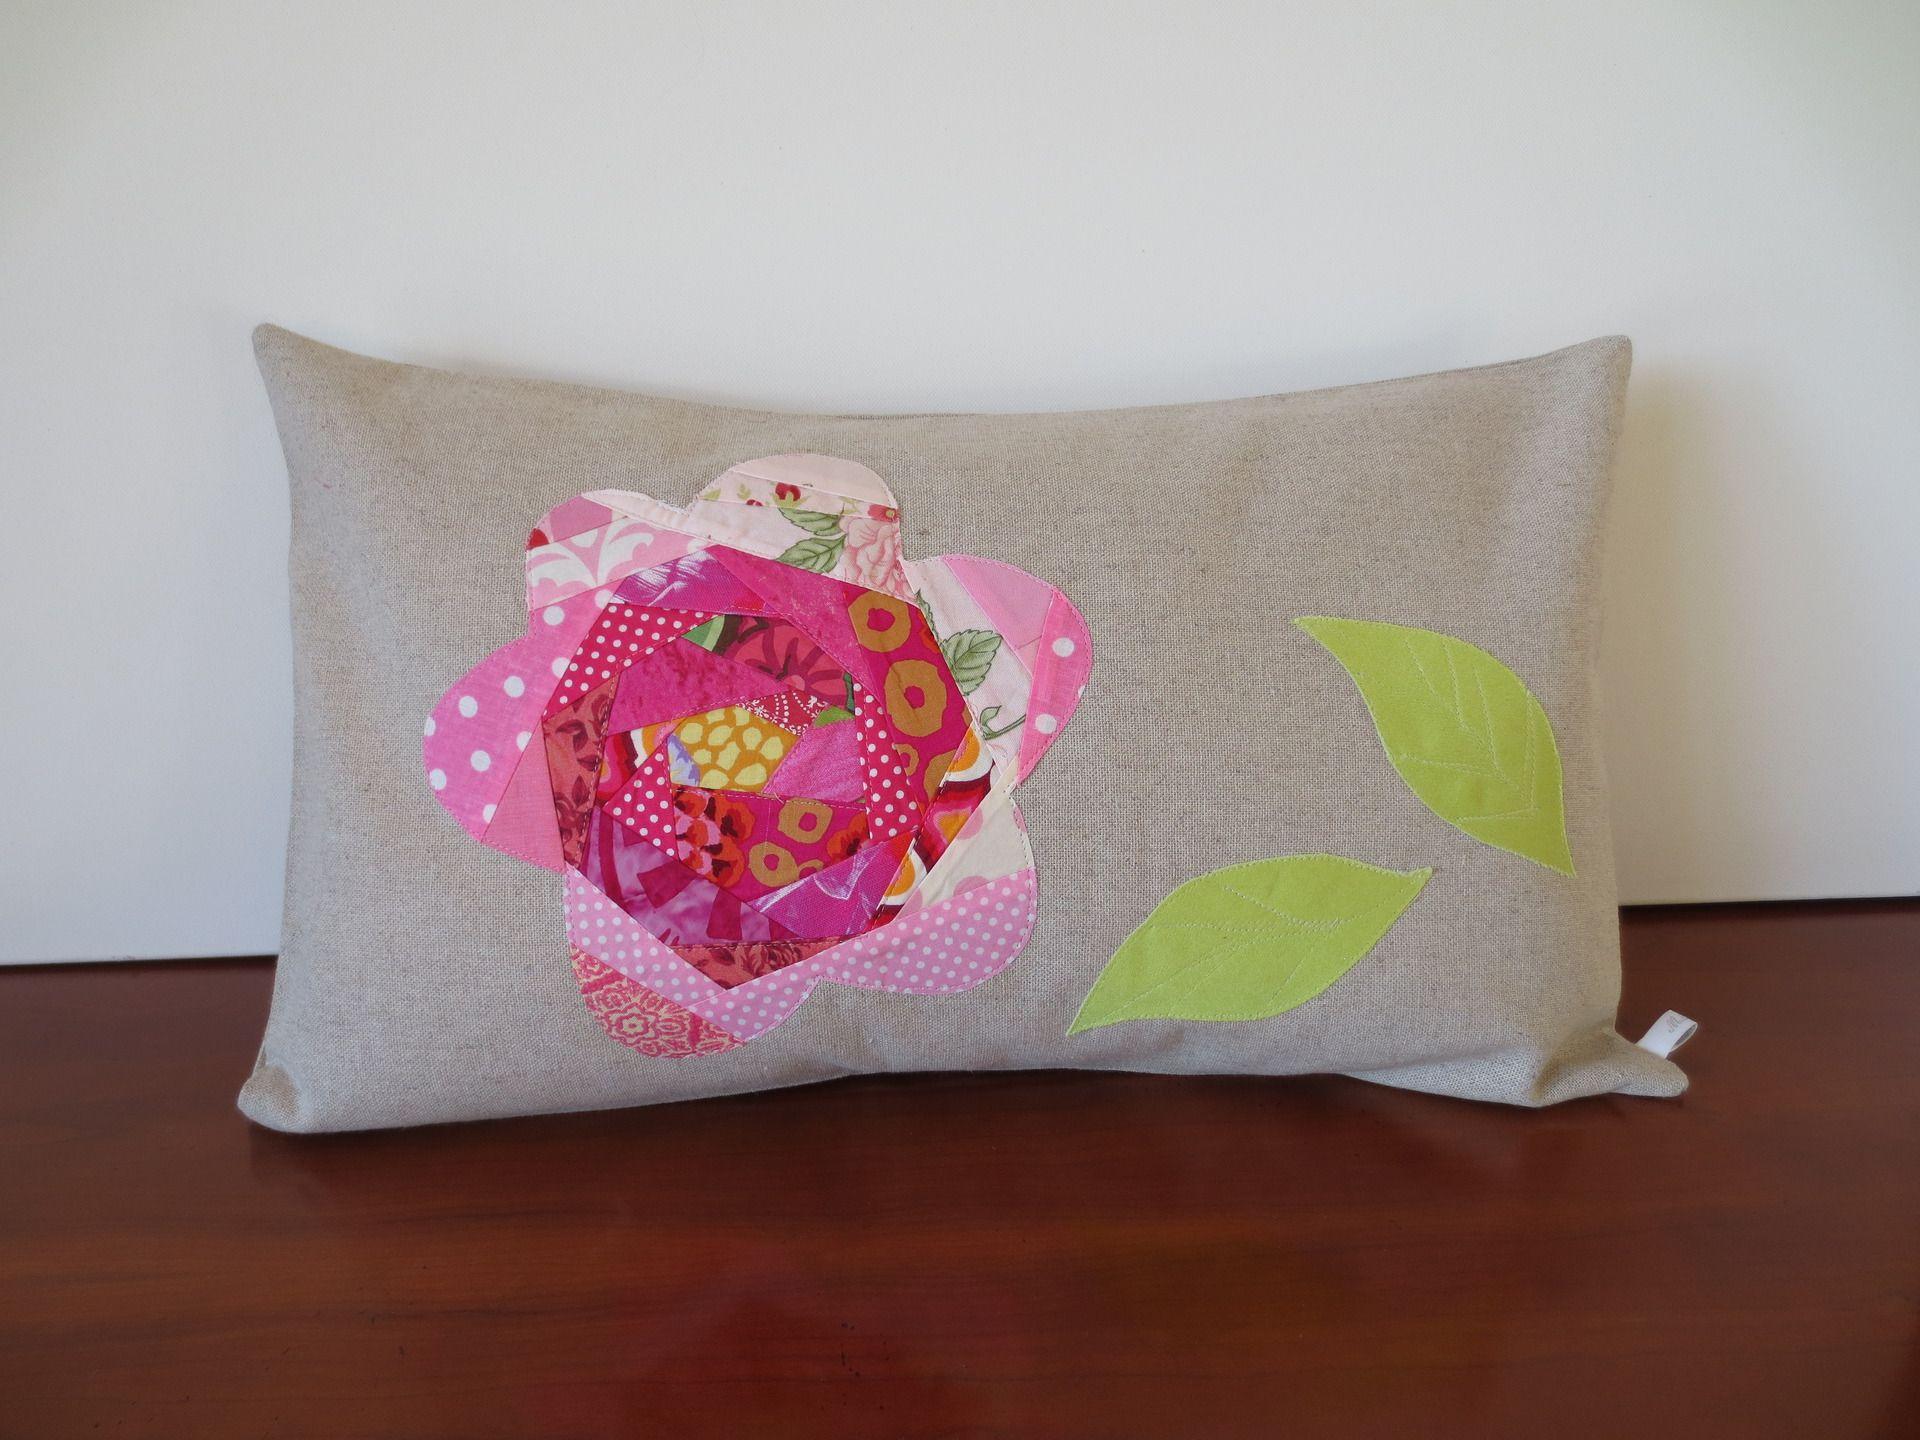 Housse de coussin patchwork Rose-rose fond lin naturel : Textiles et tapis par michka-feemainpassionnement